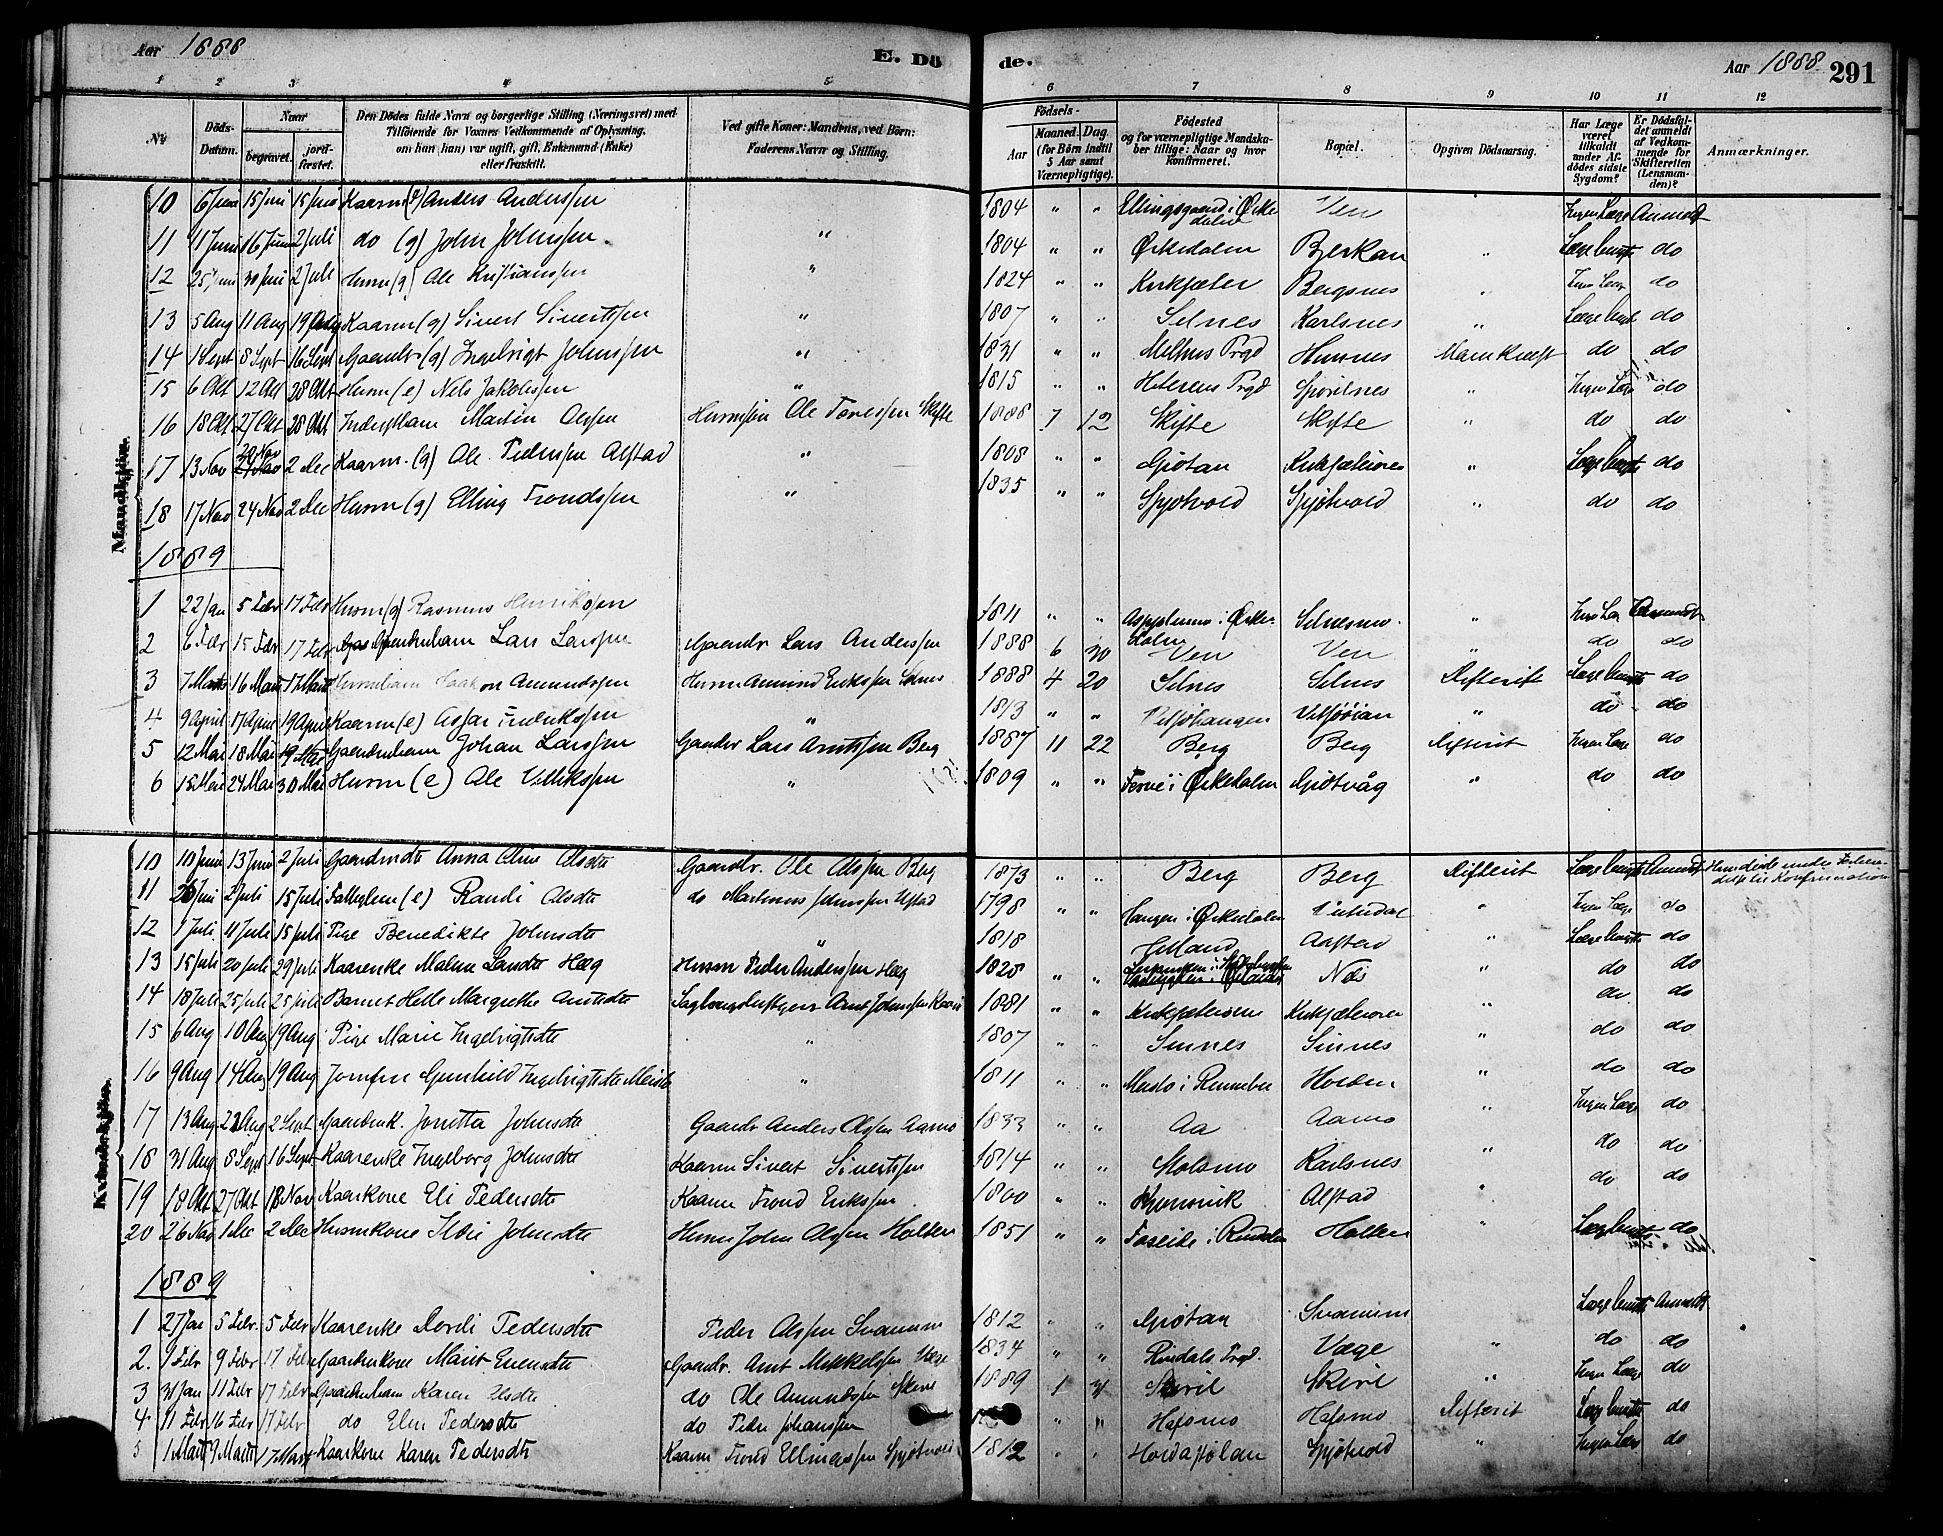 SAT, Ministerialprotokoller, klokkerbøker og fødselsregistre - Sør-Trøndelag, 630/L0496: Ministerialbok nr. 630A09, 1879-1895, s. 291